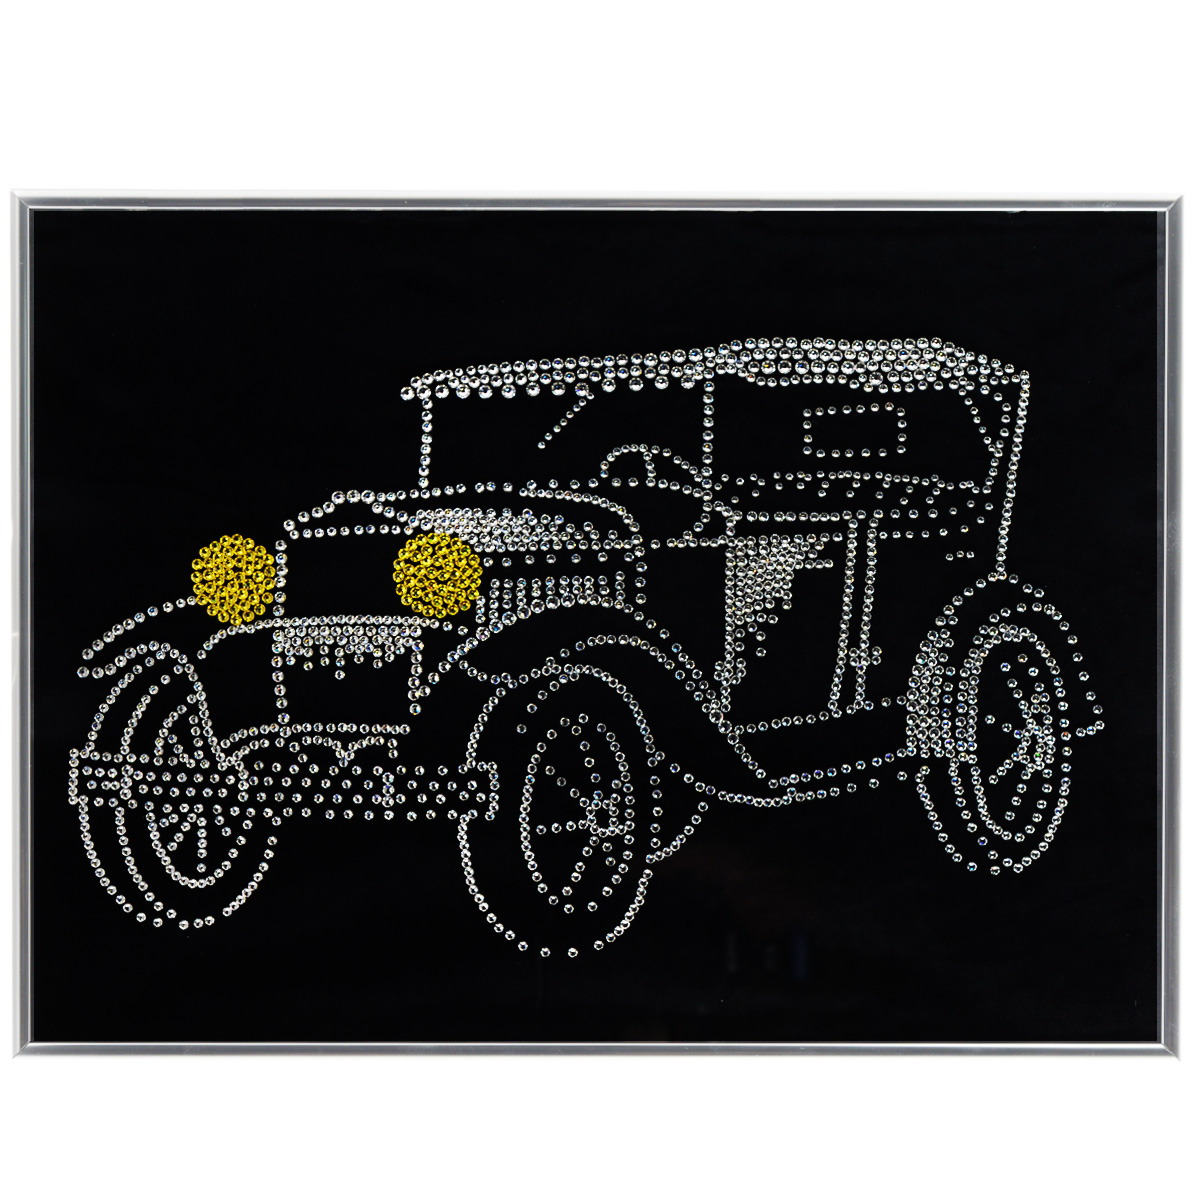 Картина с кристаллами Swarovski Ретроавтомобиль, 40 см х 30 смIDEA CT3-05Изящная картина в металлической раме, инкрустирована кристаллами Swarovski в виде ретро автомобиля. Кристаллы Swarovski отличаются четкой и ровной огранкой, ярким блеском и чистотой цвета. Под стеклом картина оформлена бархатистой тканью, что прекрасно дополняет блеск кристаллов. С обратной стороны имеется металлическая проволока для размещения картины на стене. Картина с кристаллами Swarovski Ретроавтомобиль элегантно украсит интерьер дома или офиса, а также станет прекрасным подарком, который обязательно понравится получателю. Блеск кристаллов в интерьере, что может быть сказочнее и удивительнее. Картина упакована в подарочную картонную коробку синего цвета и комплектуется сертификатом соответствия Swarovski.